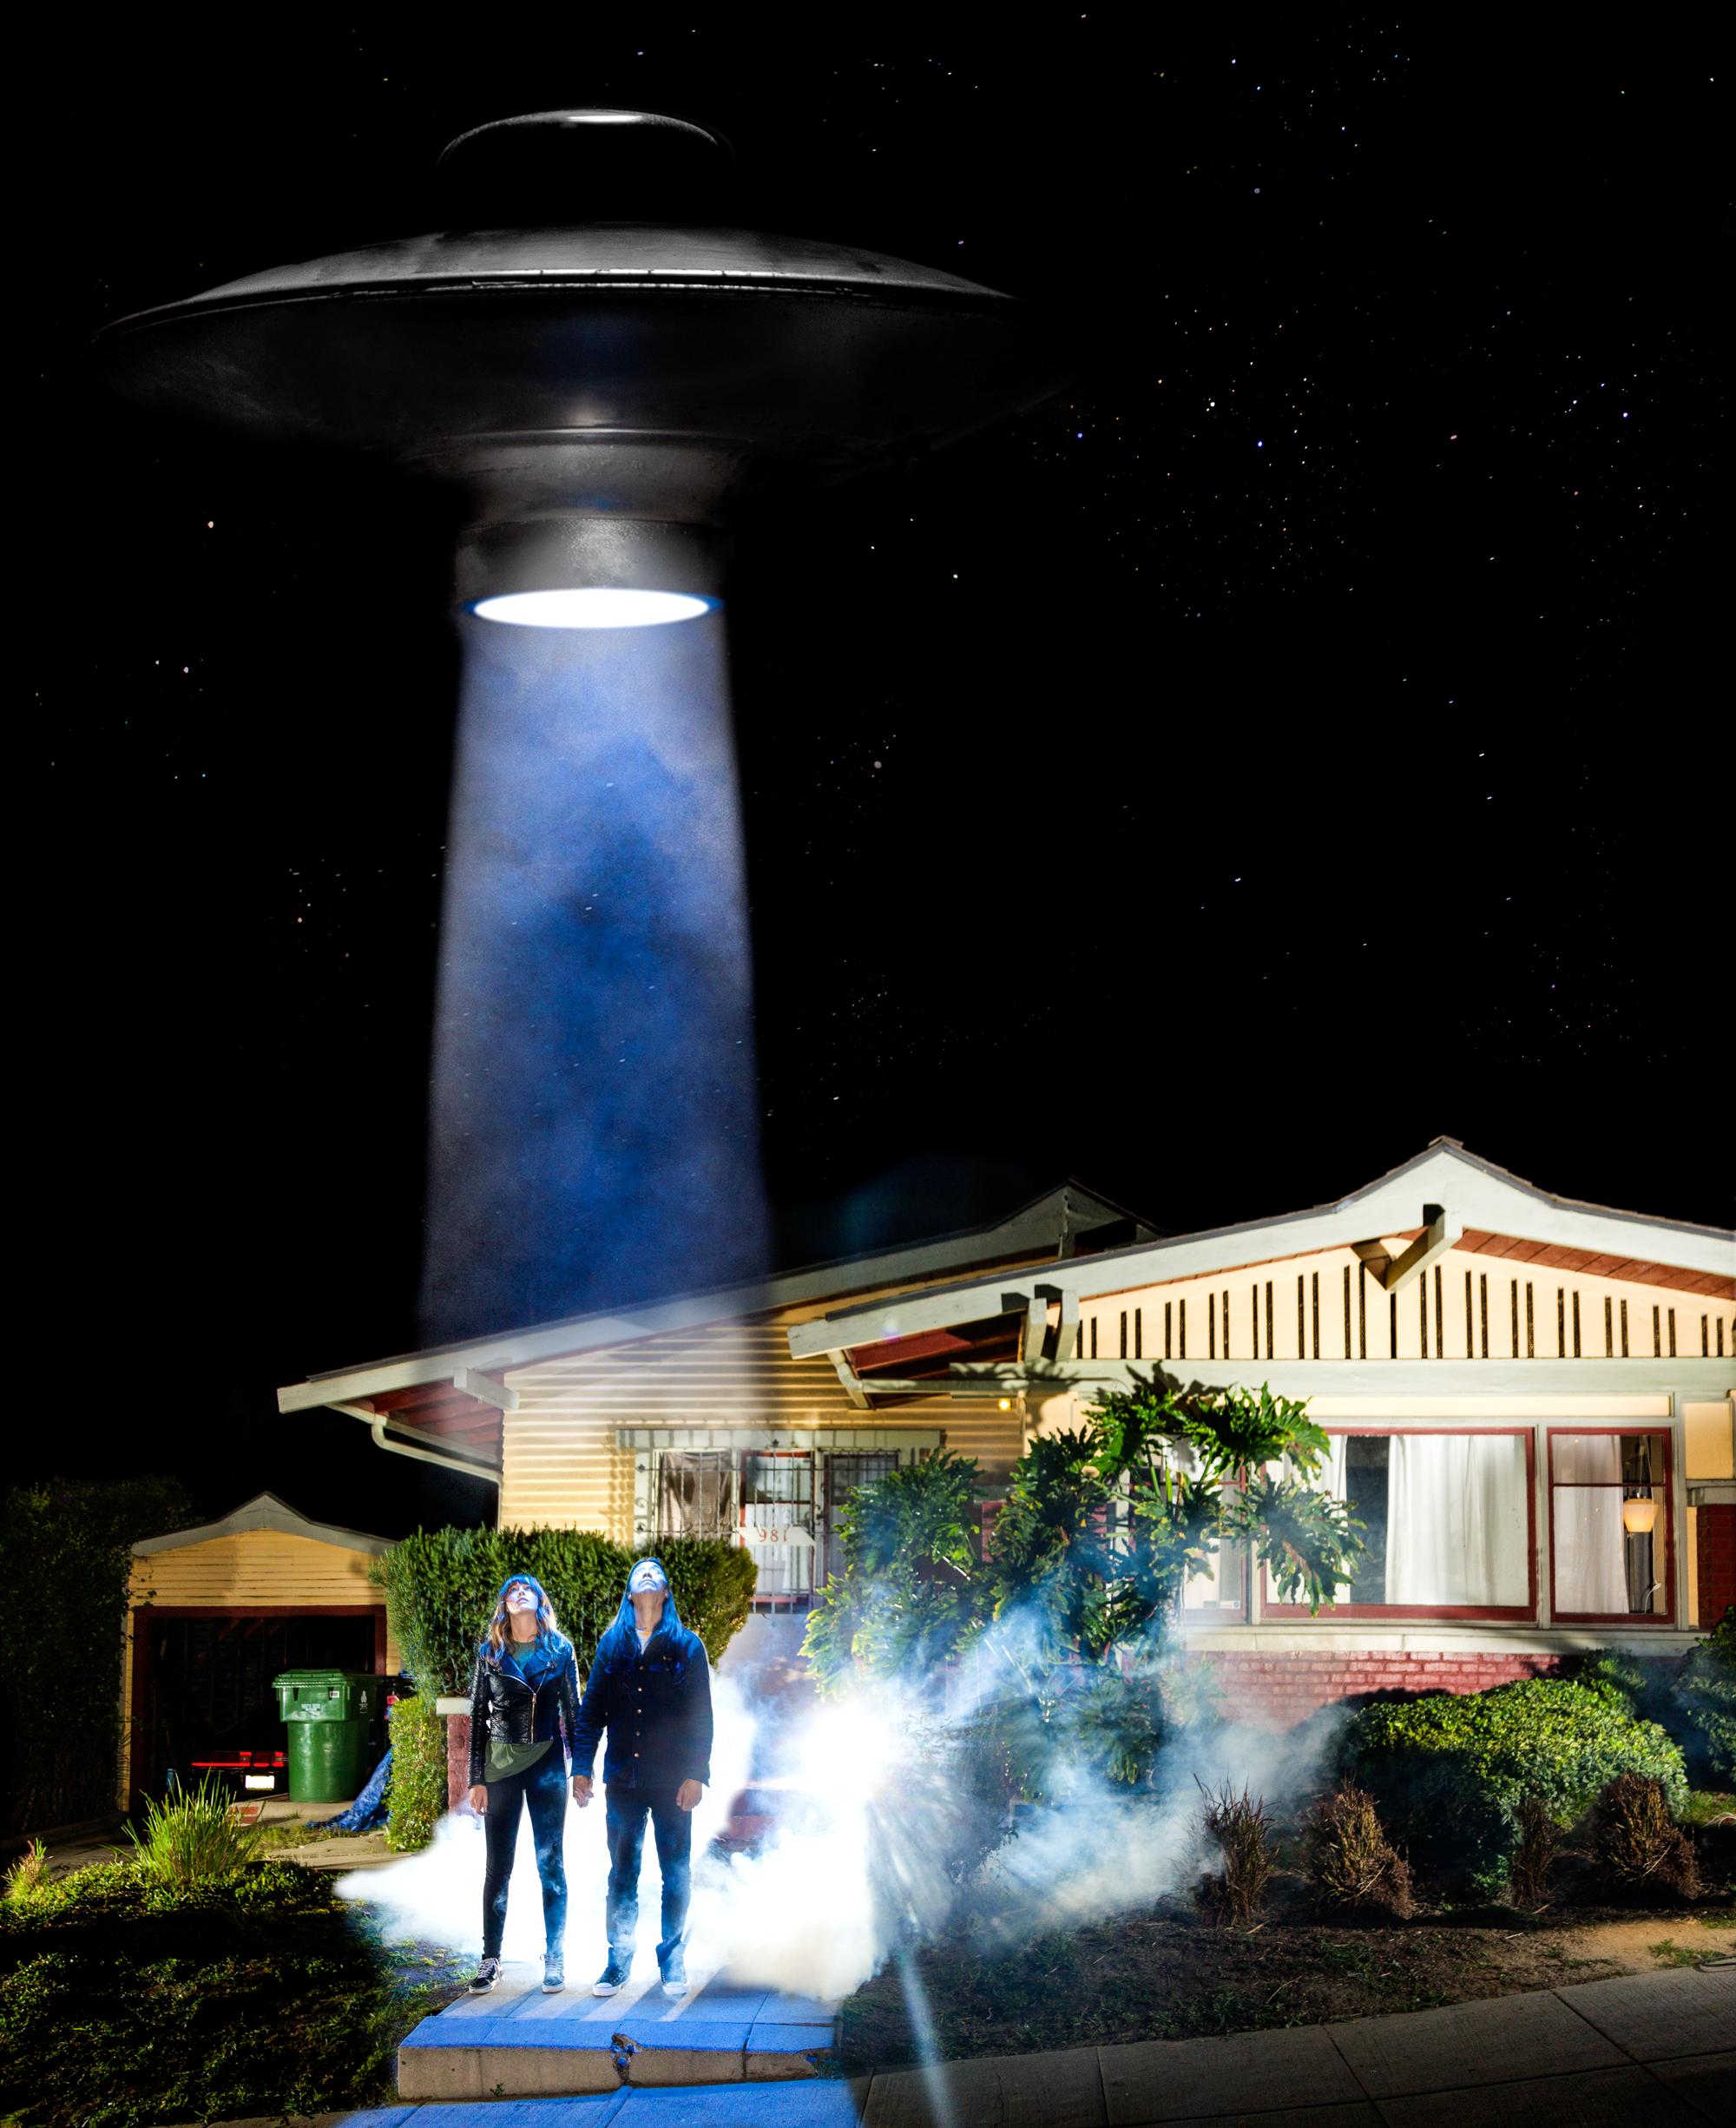 01-Nuge_UFO_A98A1643_flat-Broach-Photo.jpg